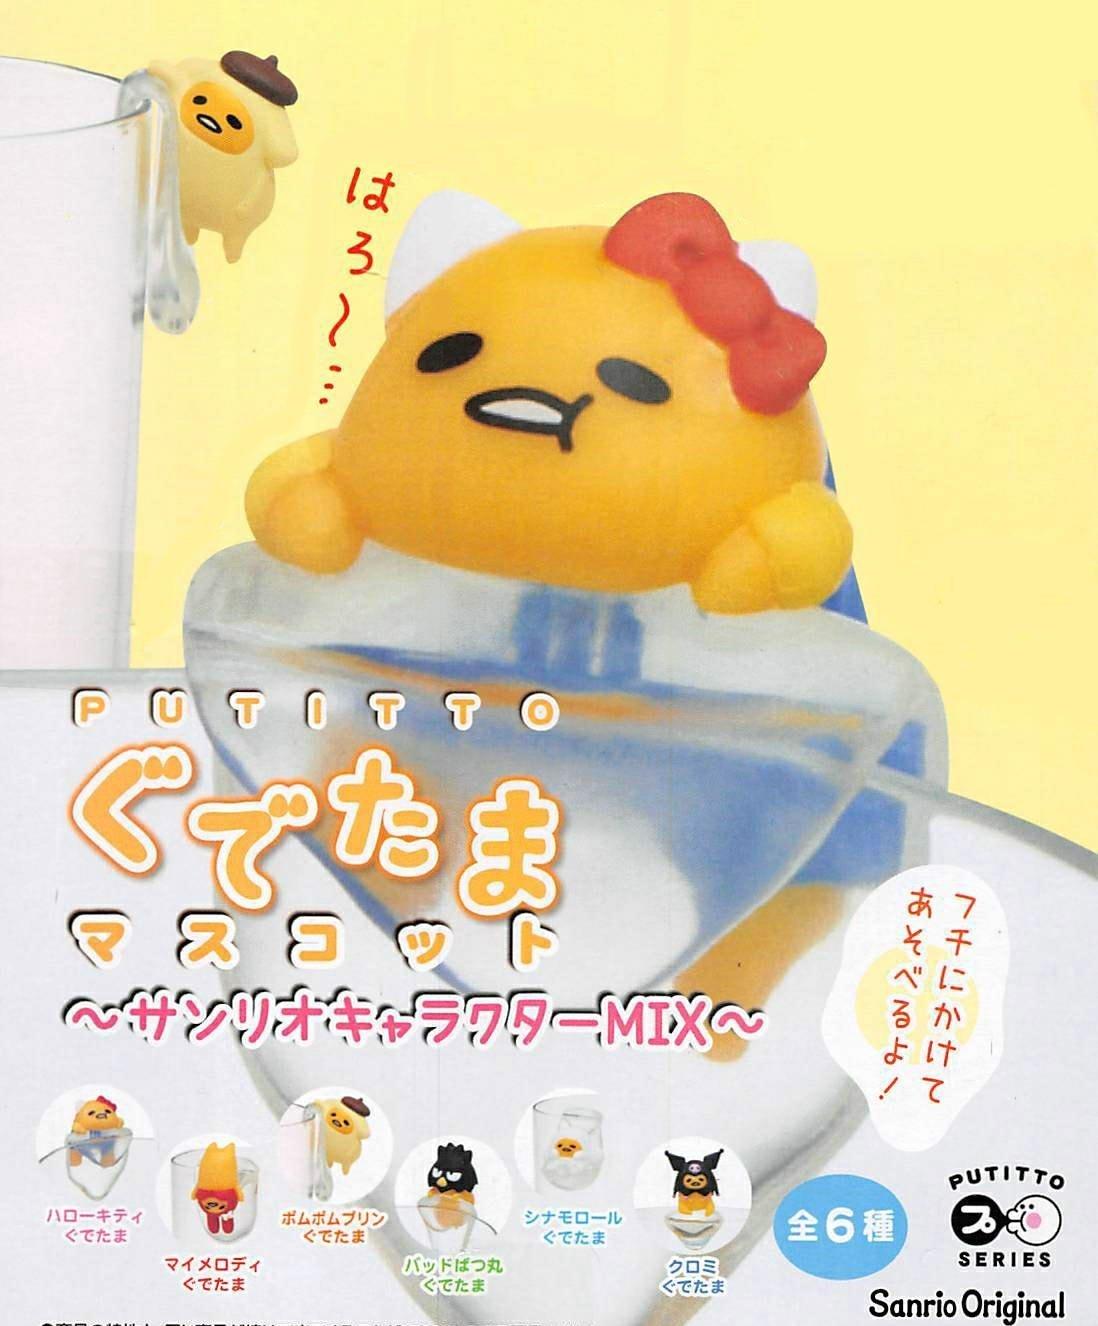 『日本代購品』三麗鷗 蛋黃哥變身三麗鷗大明星 單入裝